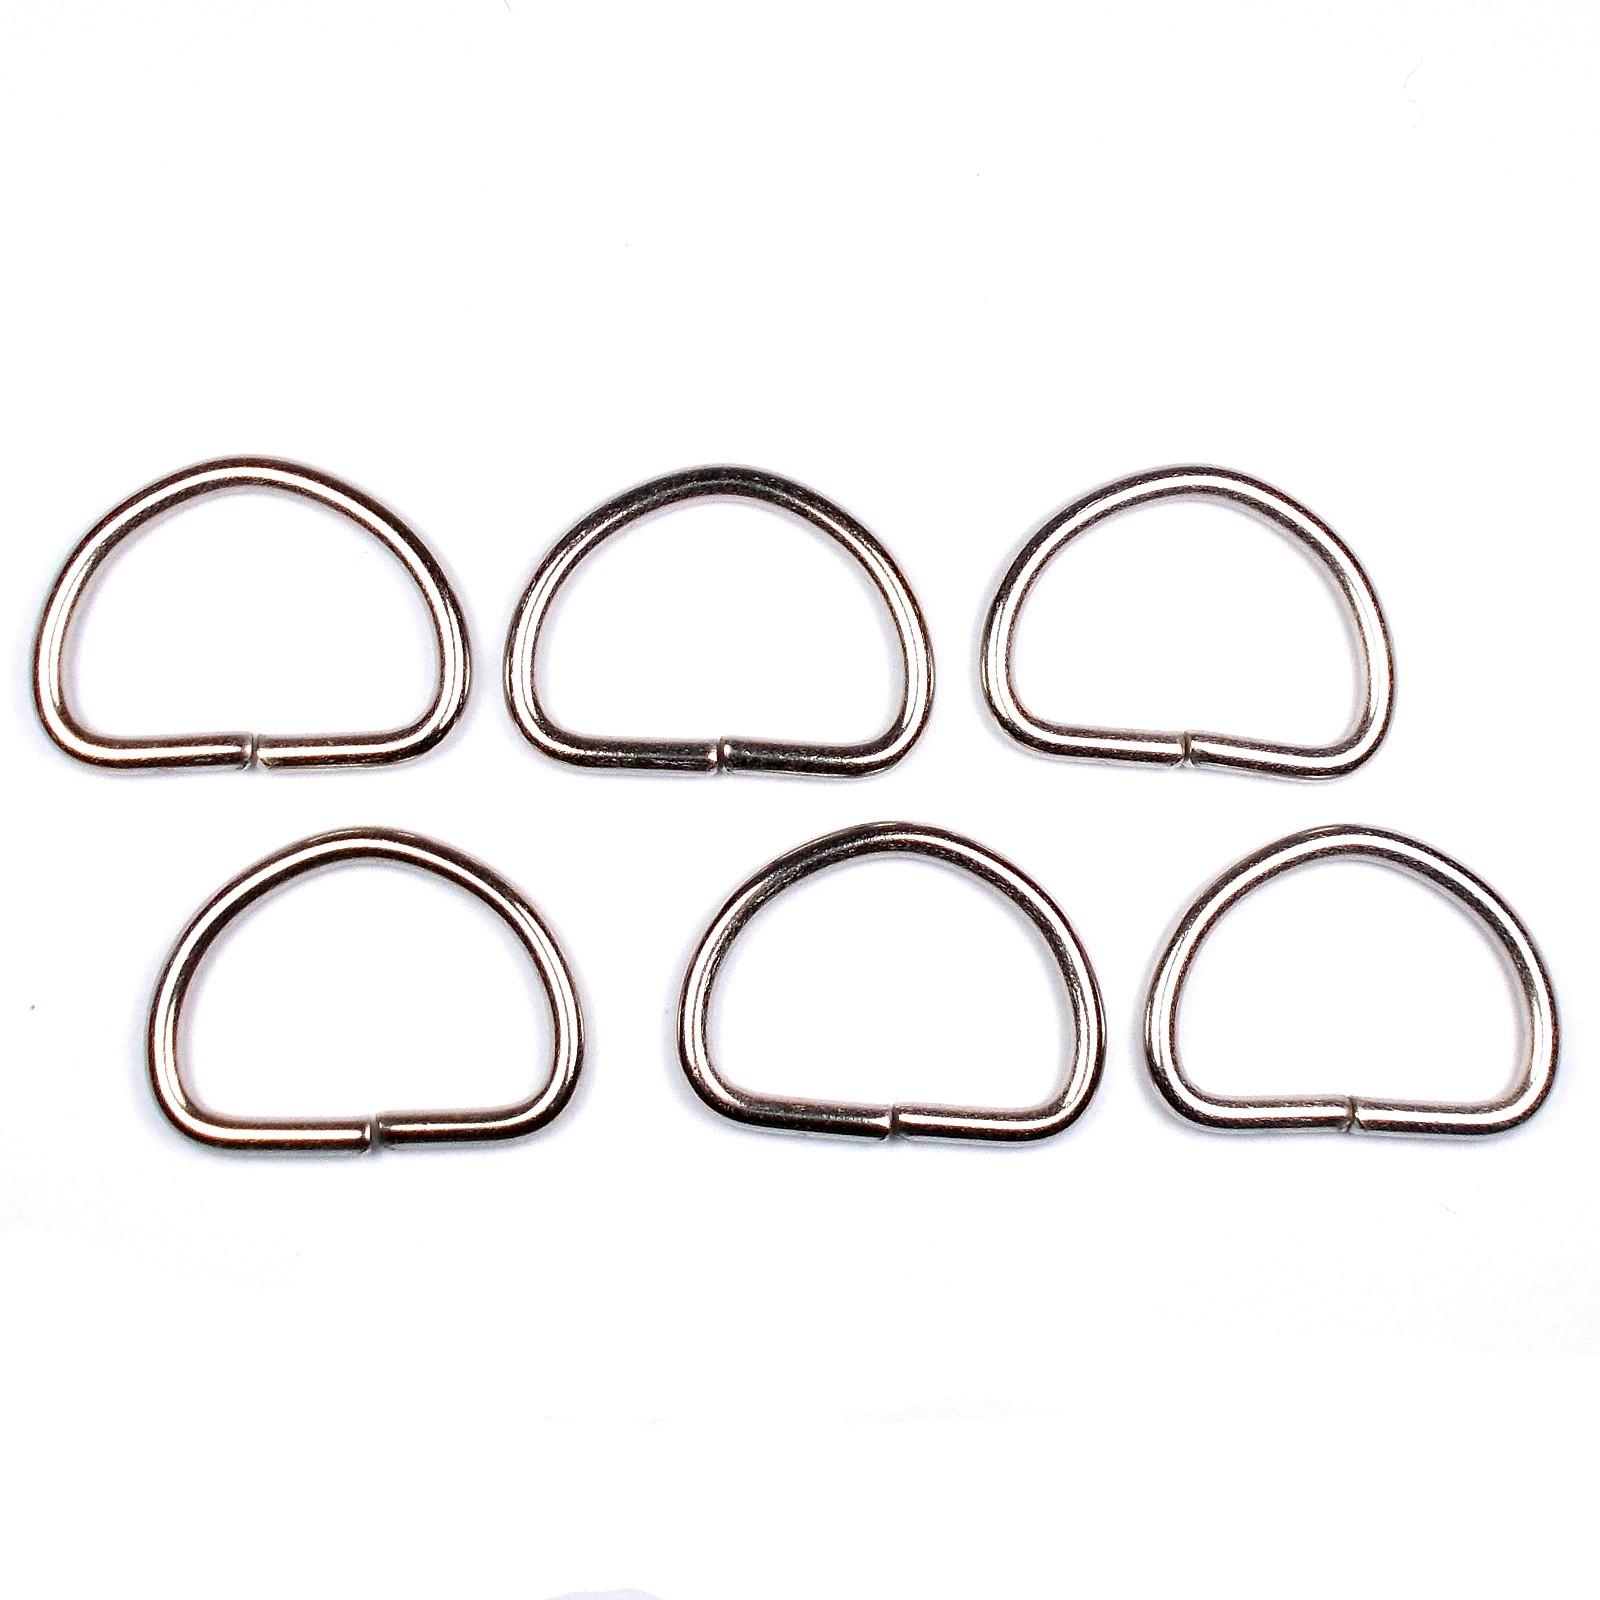 Silver Metal D Rings 29mm Pack of 6